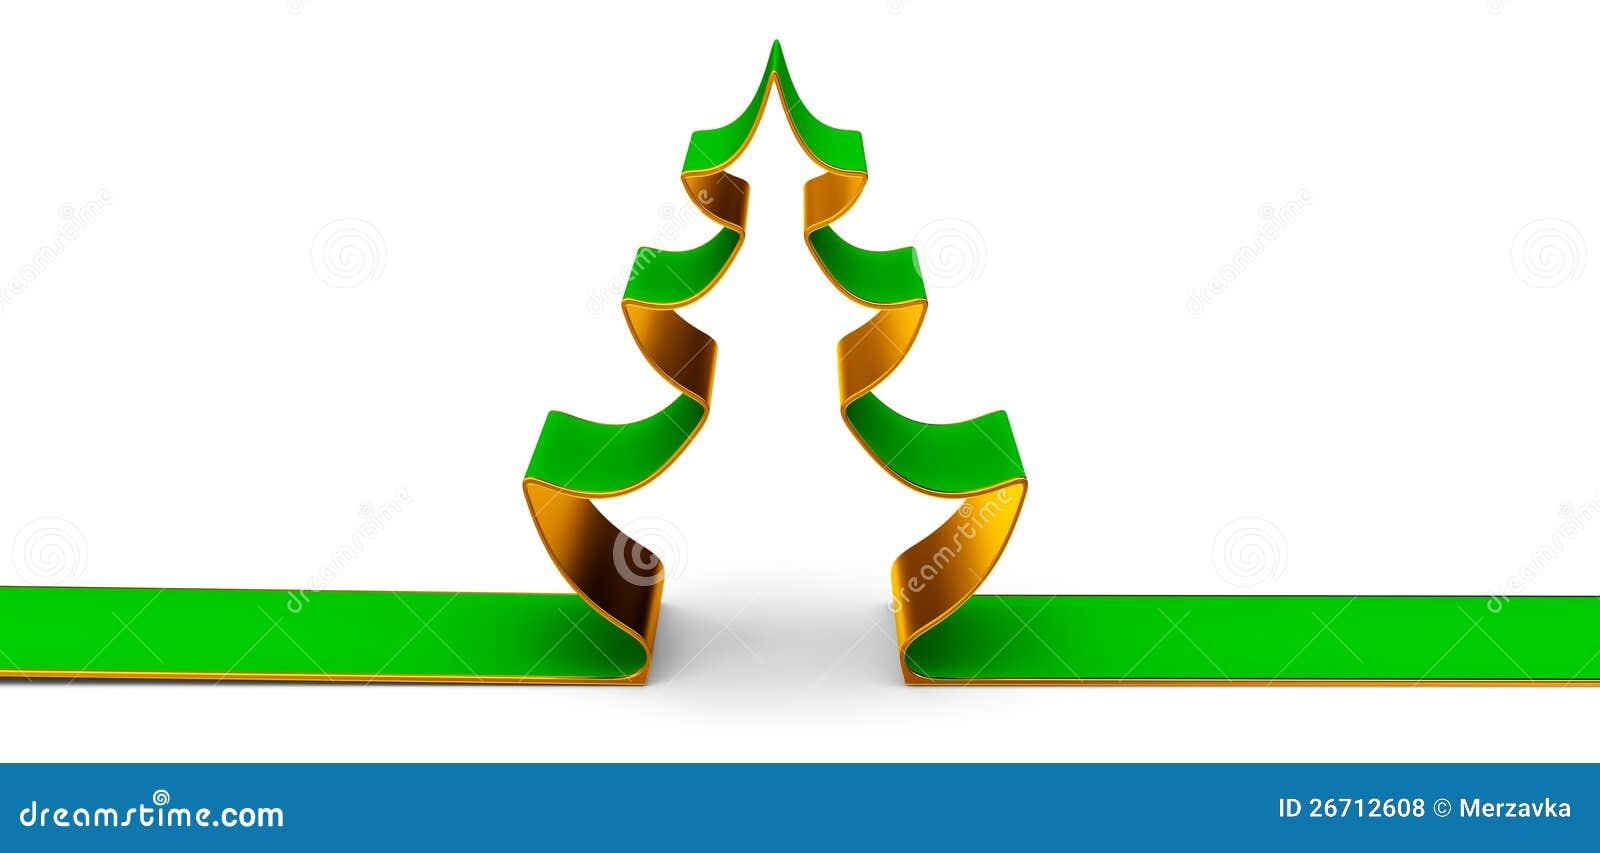 ein weihnachten baum als symbol von weihnachten stock abbildung bild 26712608. Black Bedroom Furniture Sets. Home Design Ideas